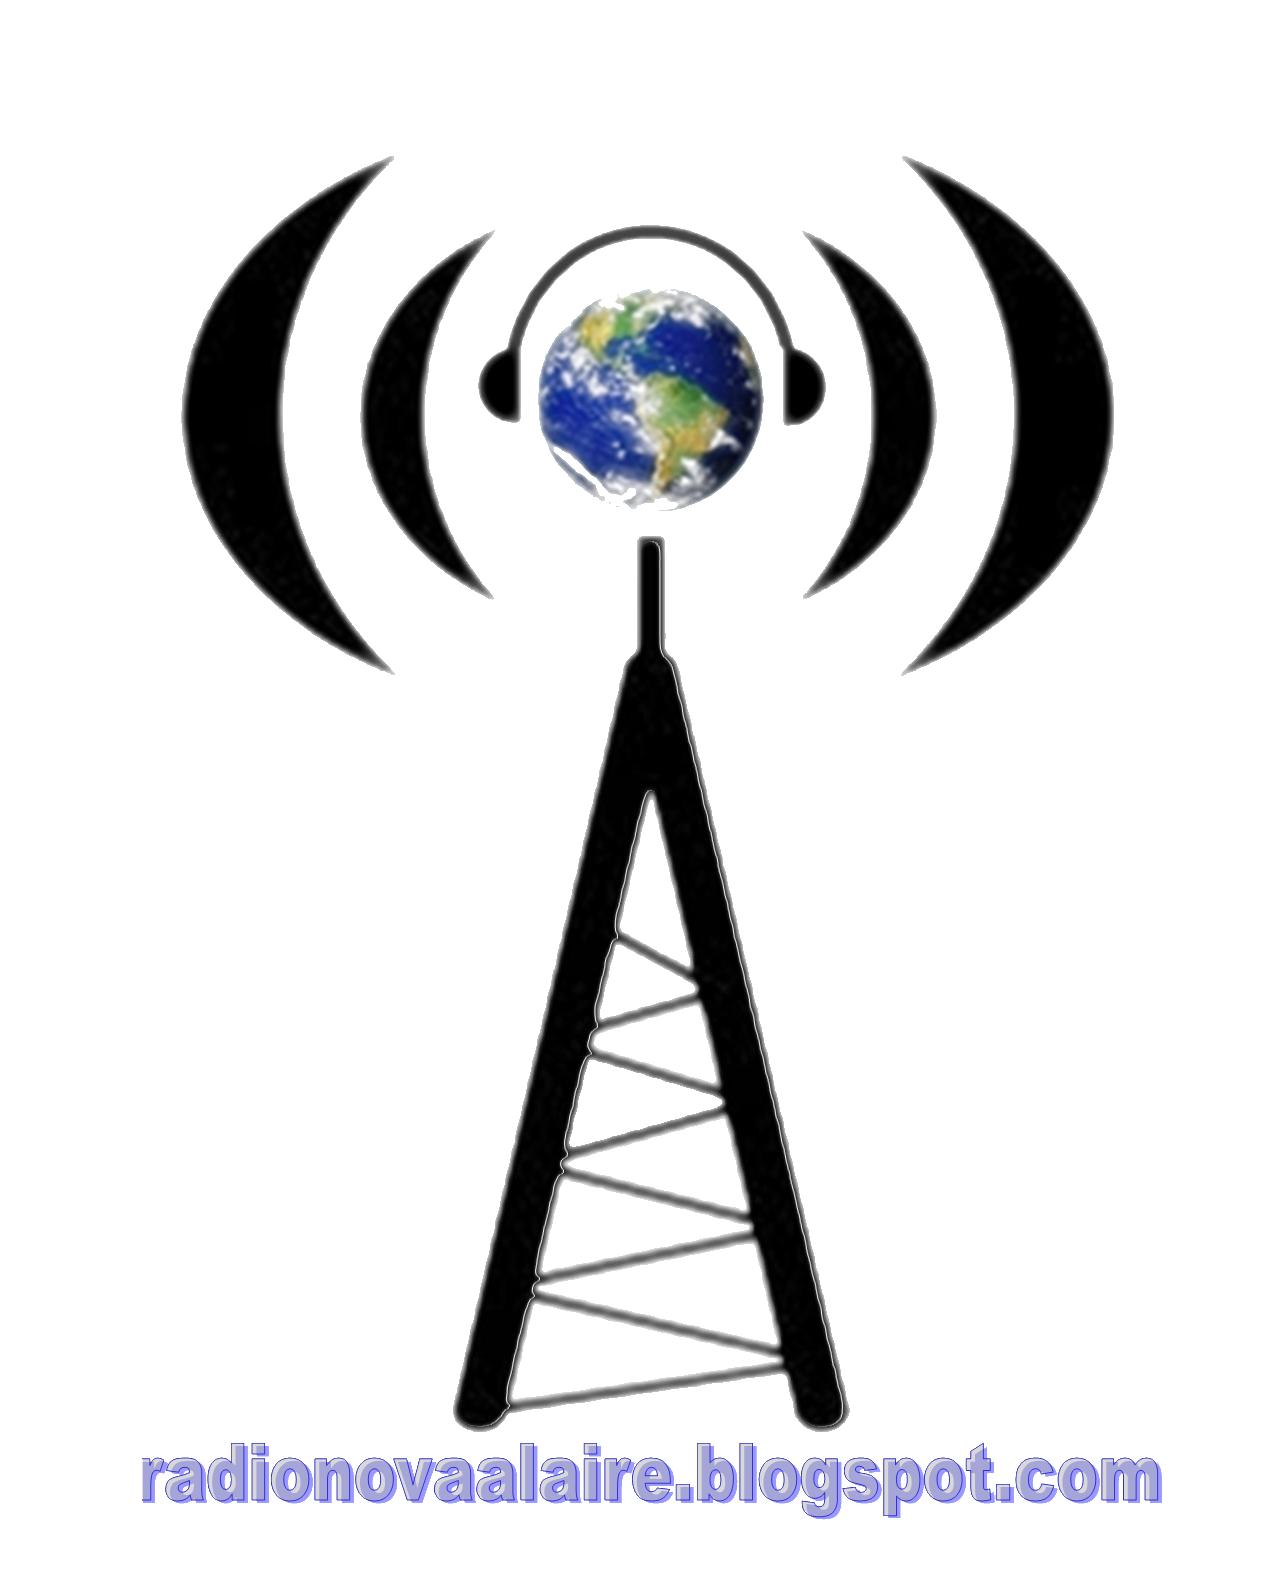 radionova transparente.png